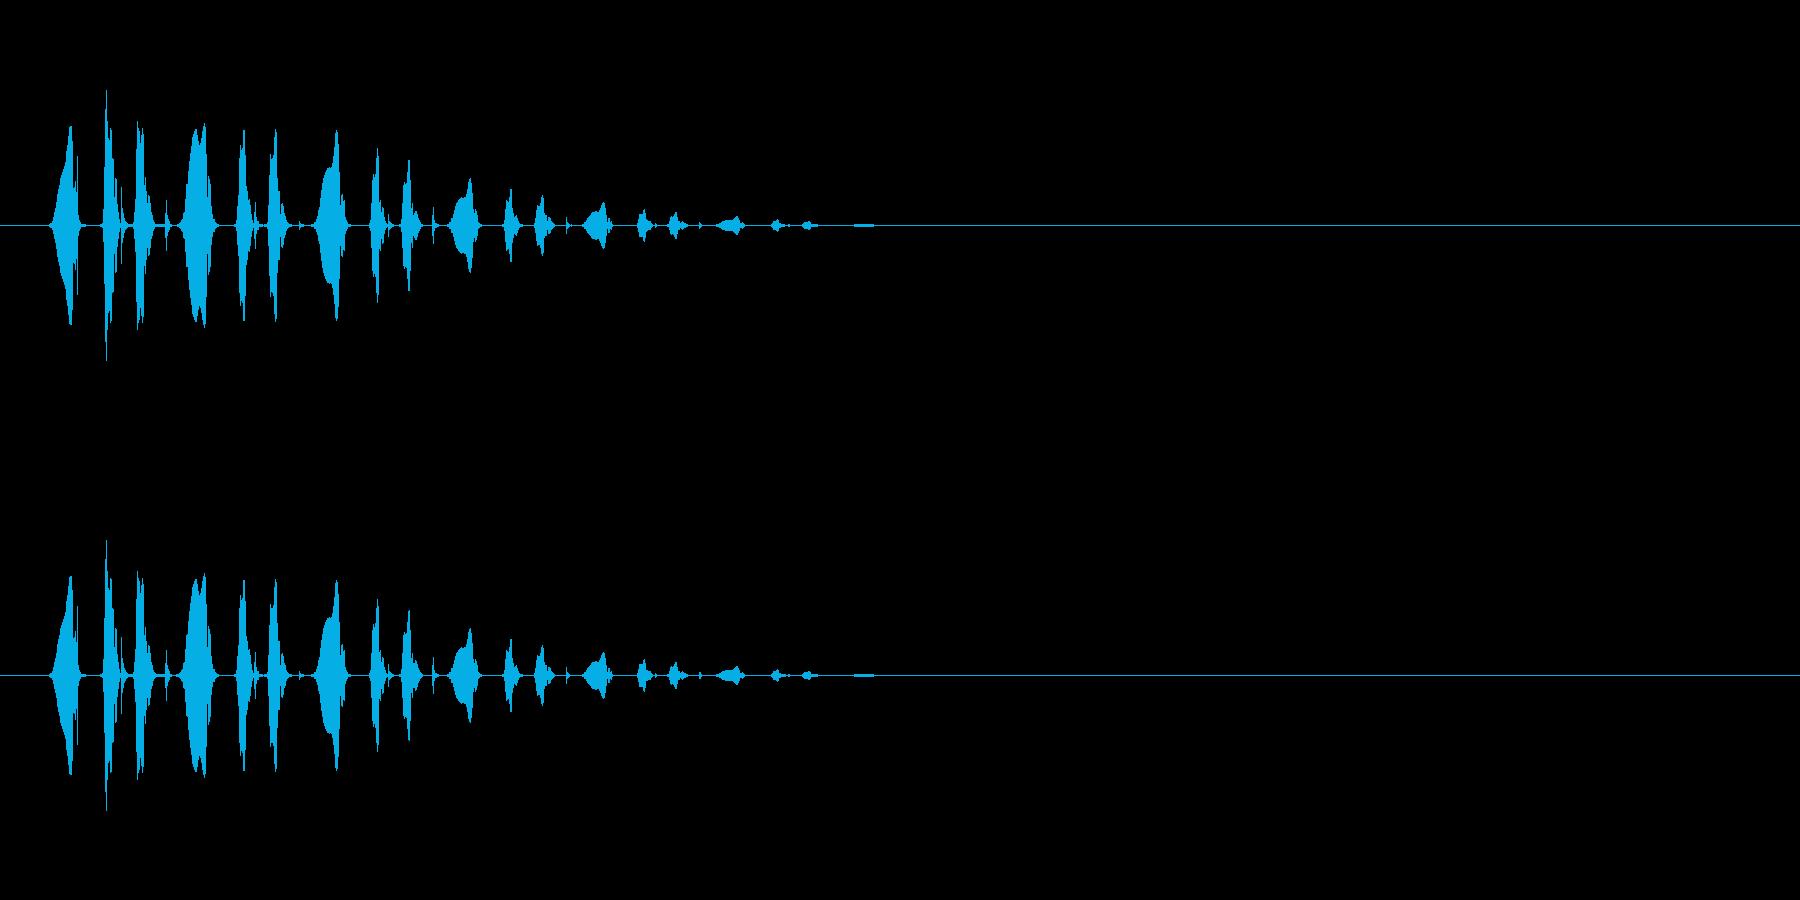 ぴょこぴょこぴょこ…(逃げ足、小動物)の再生済みの波形